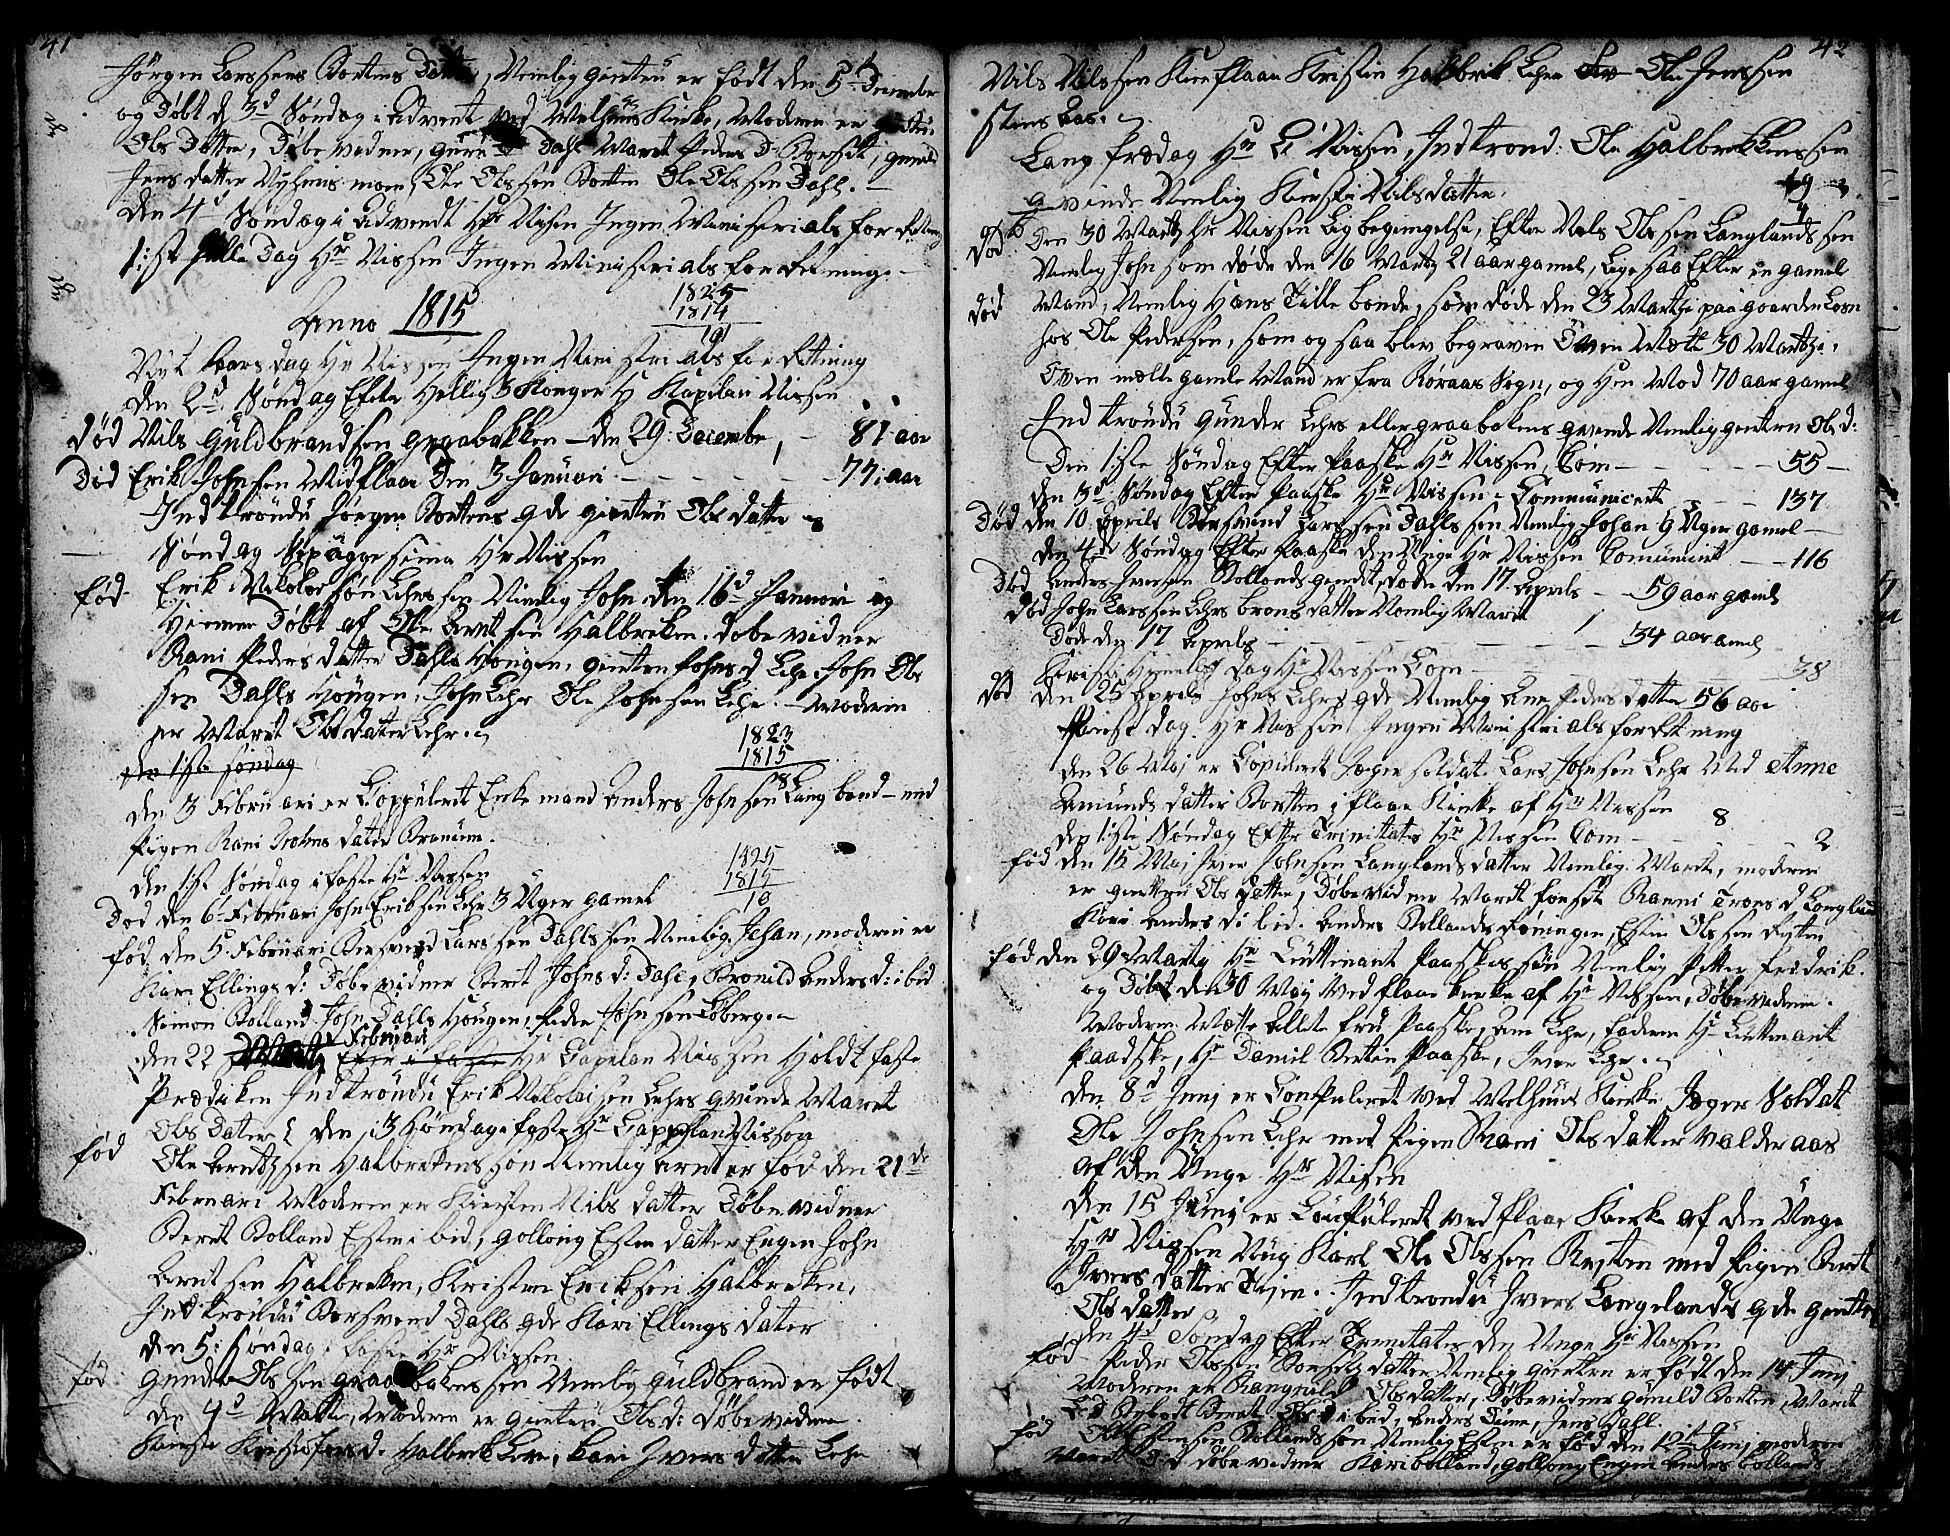 SAT, Ministerialprotokoller, klokkerbøker og fødselsregistre - Sør-Trøndelag, 693/L1120: Klokkerbok nr. 693C01, 1799-1816, s. 41-42